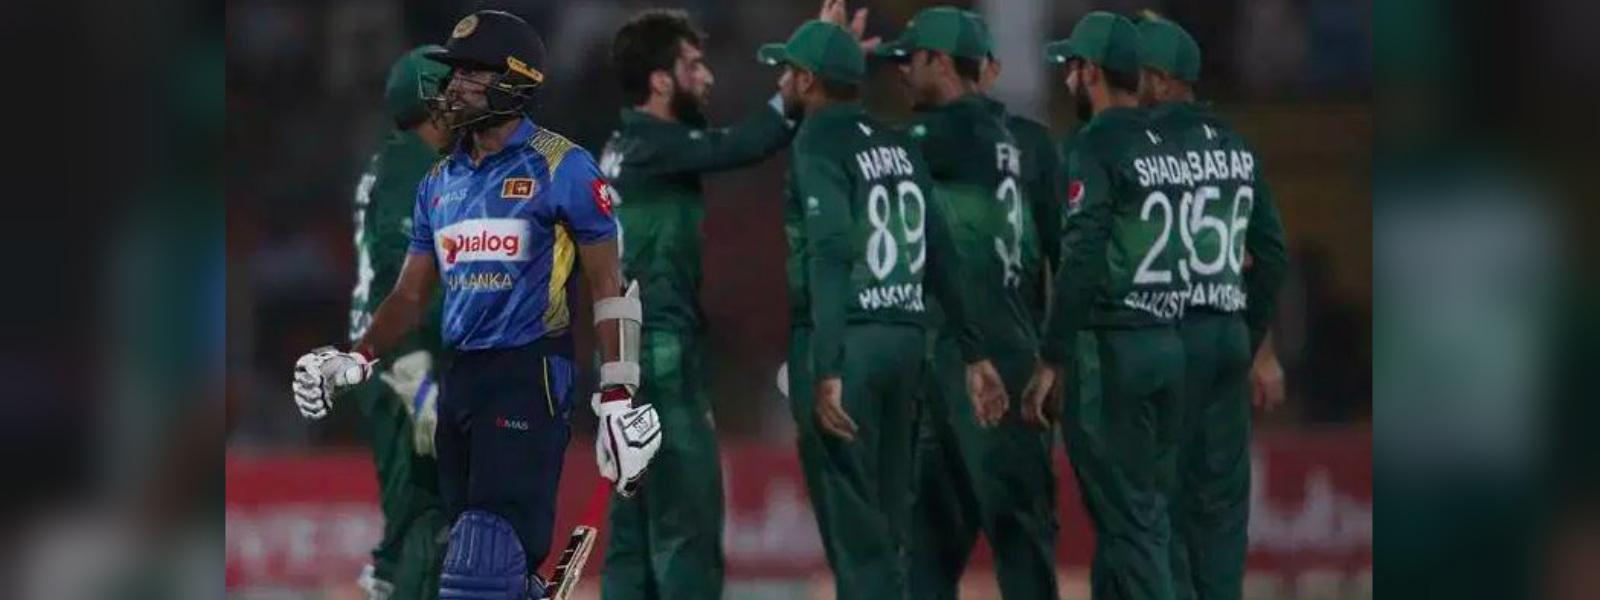 2nd ODI: Pakistan beat Sri Lanka by 67 runs